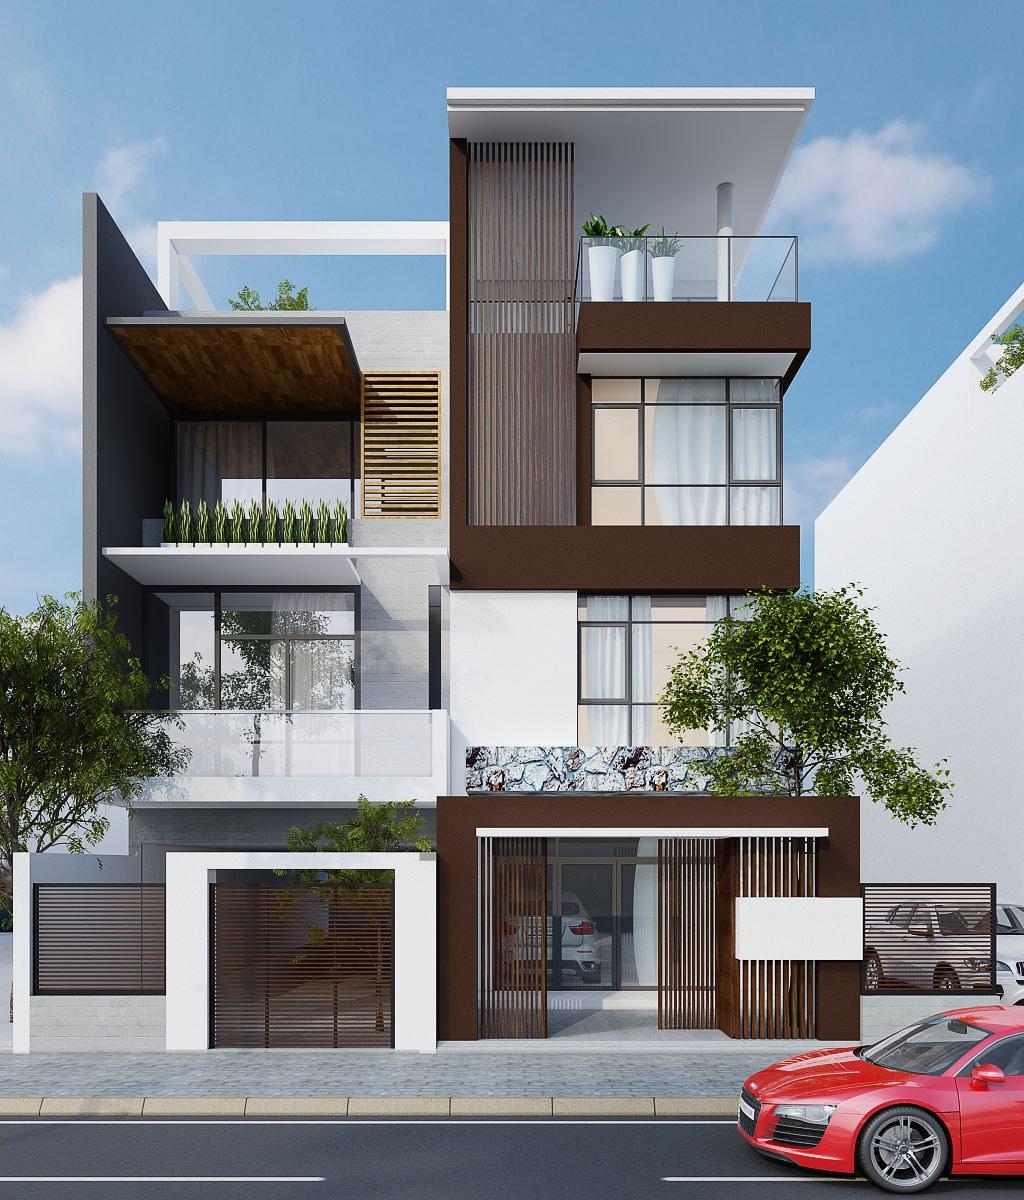 Thiết kế nhà phố mái bằng ngày càng được ưa chuộng